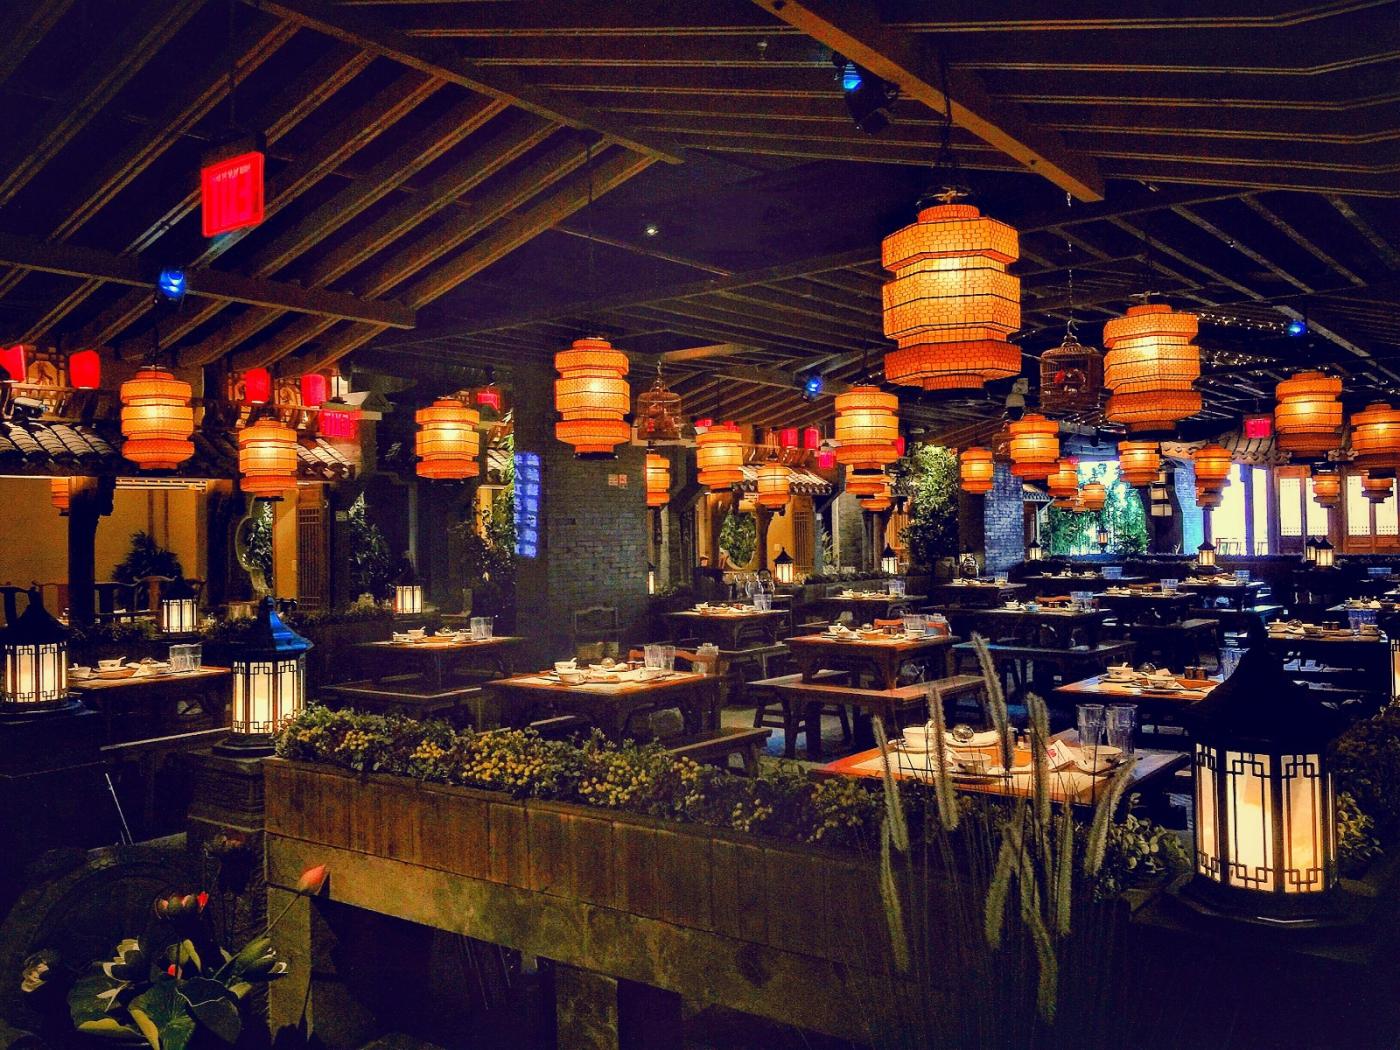 【盲流摄影】纽约法拉盛的中餐馆品味在提升-手机摄影_图1-8